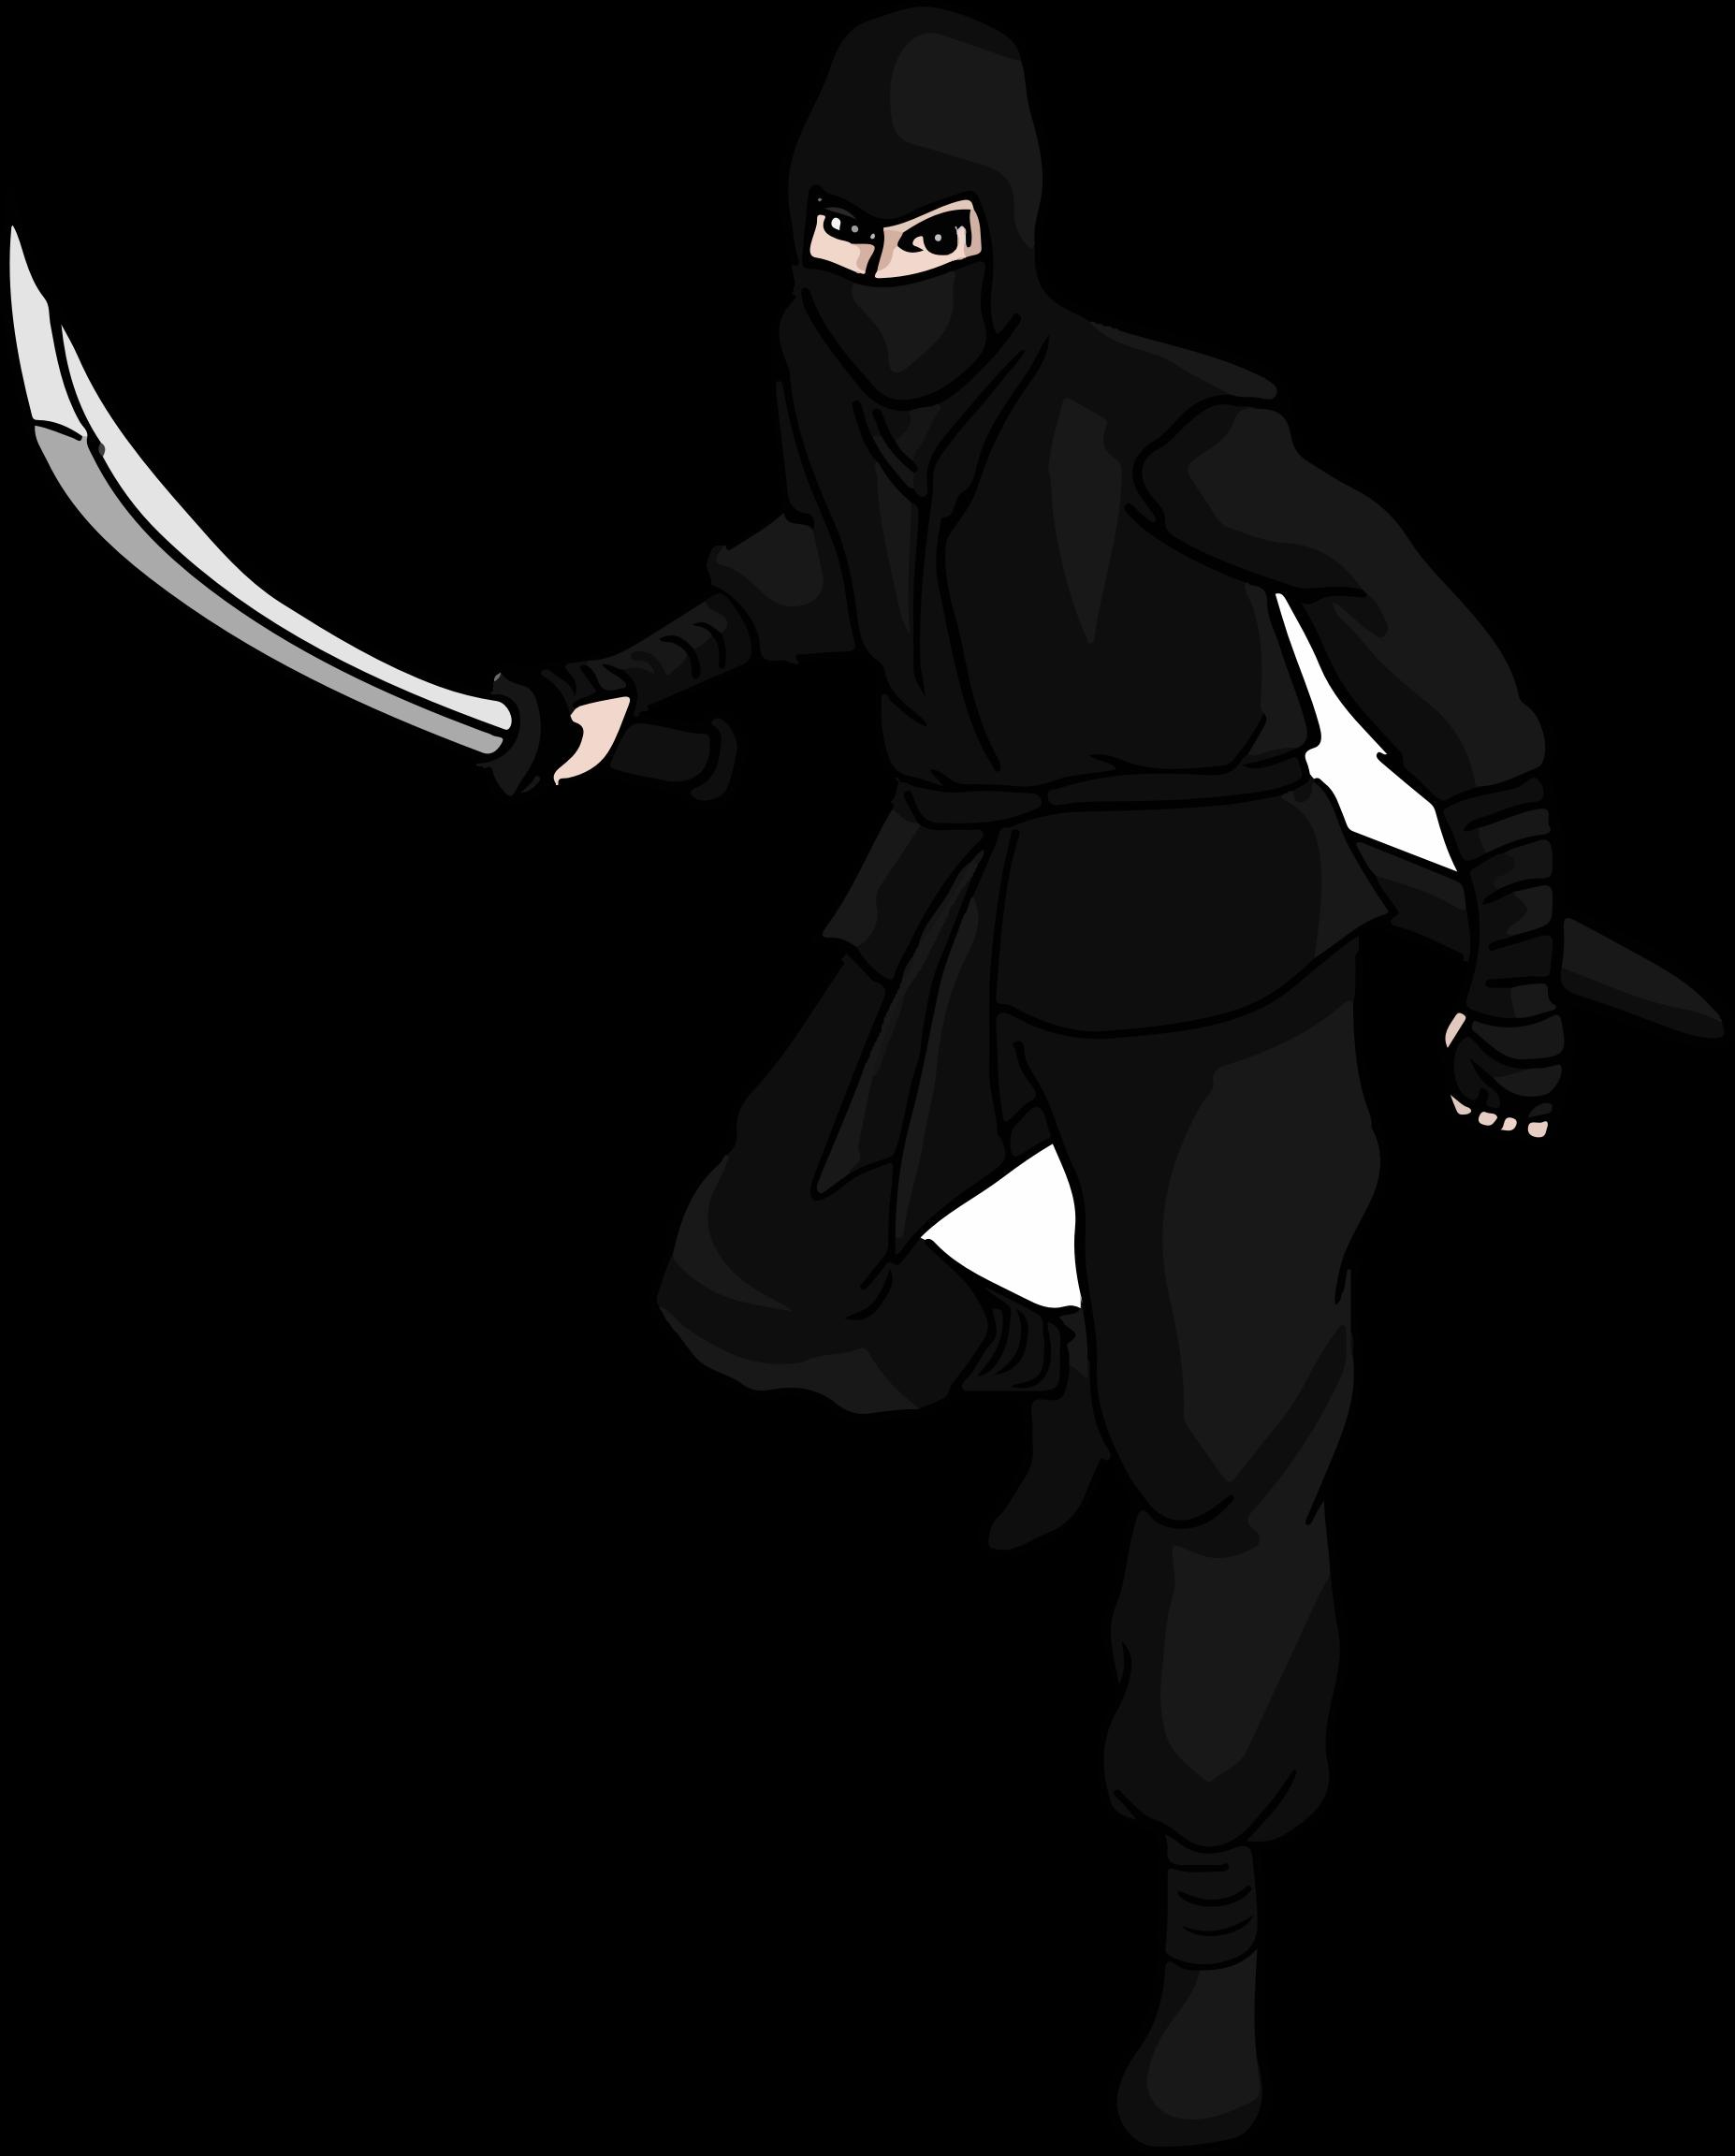 Ninja Png Pic PNG Image - Ninja HD PNG